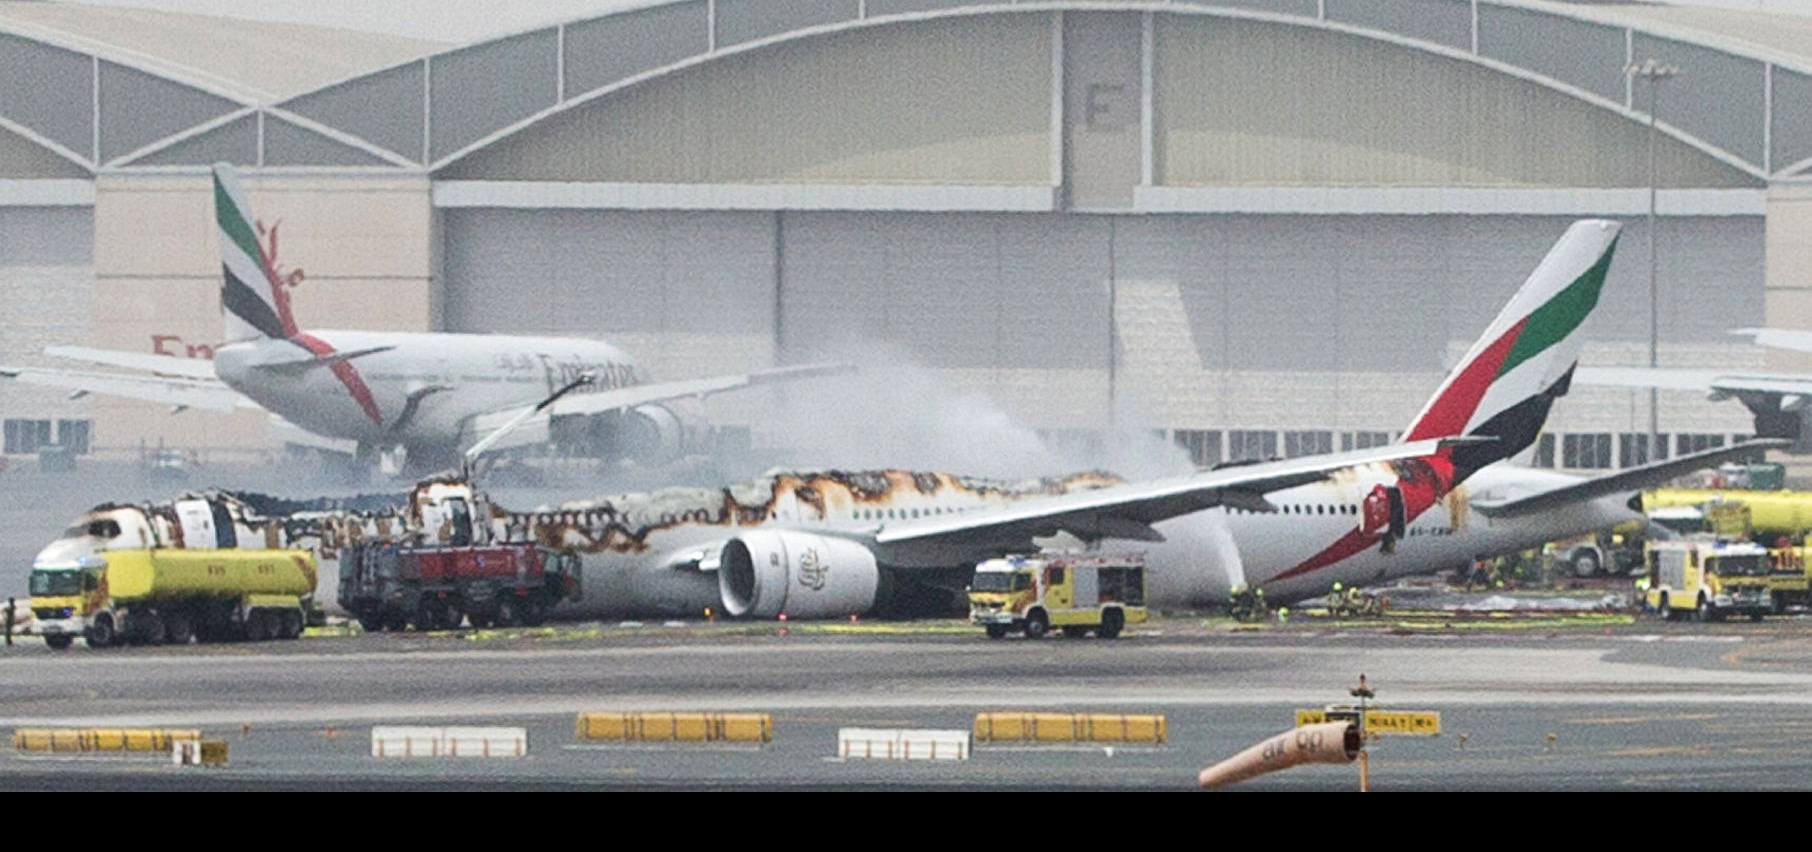 Un Boeing 777 de la compañía Emirates sufrió un accidente durante su aterrizaje con 275 personas a bordo